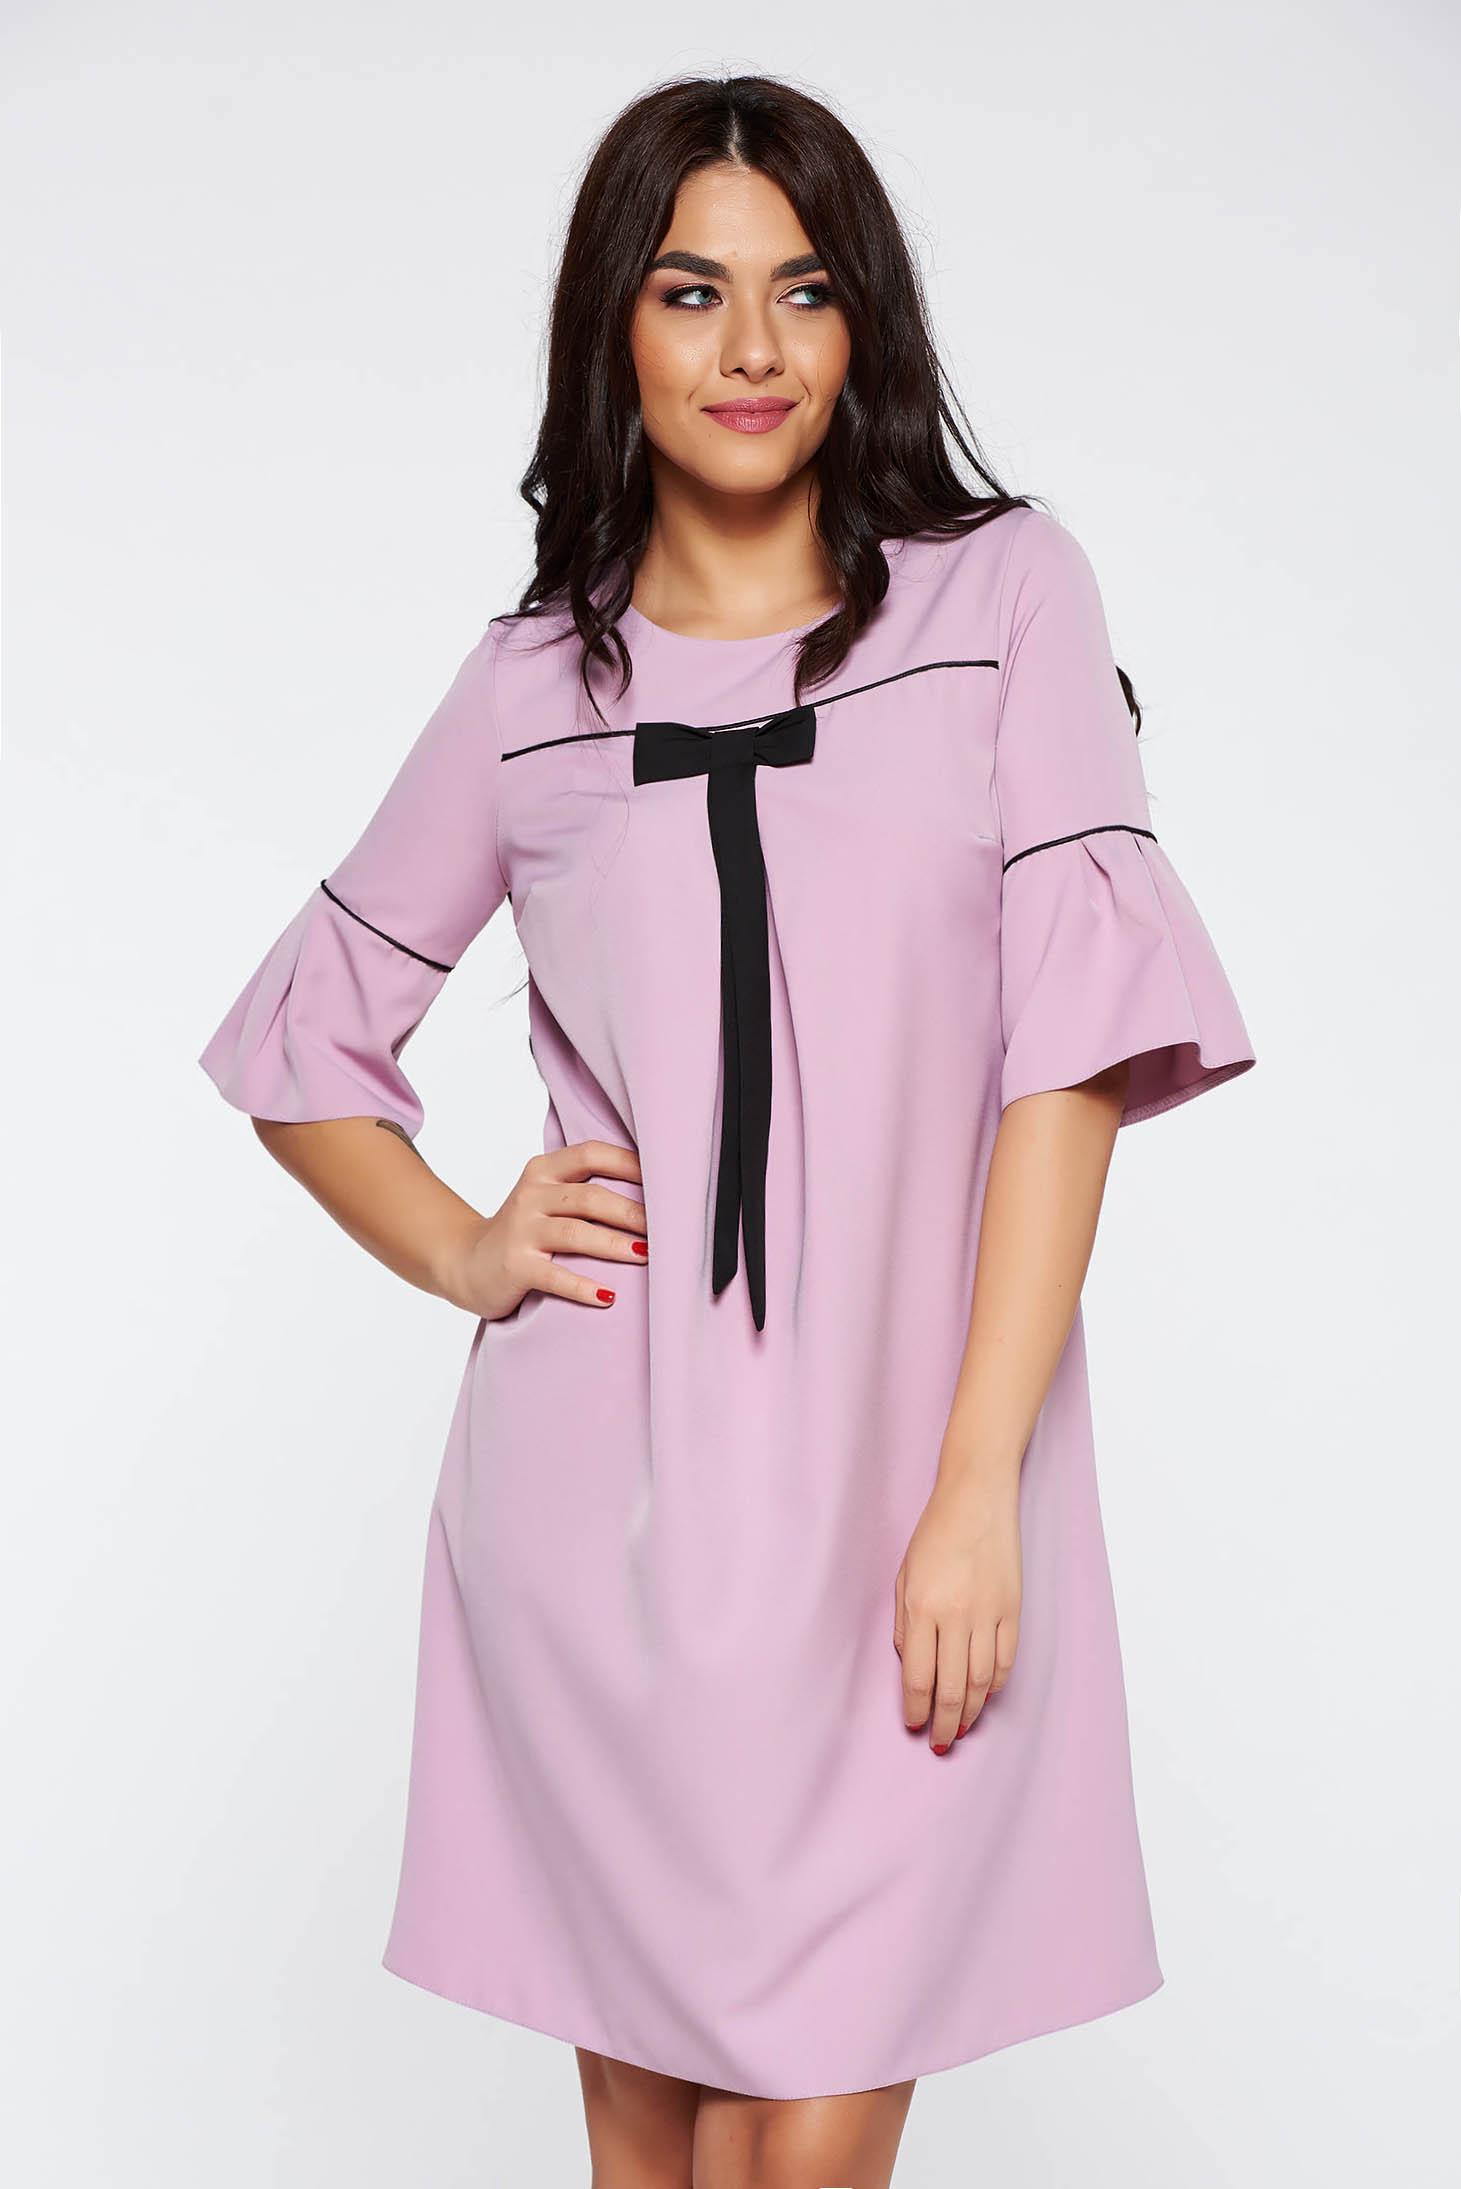 Világos rózsaszín elegáns bő szabású ruha enyhén rugalmas szövet harang  ujjakkal c19ecee19b